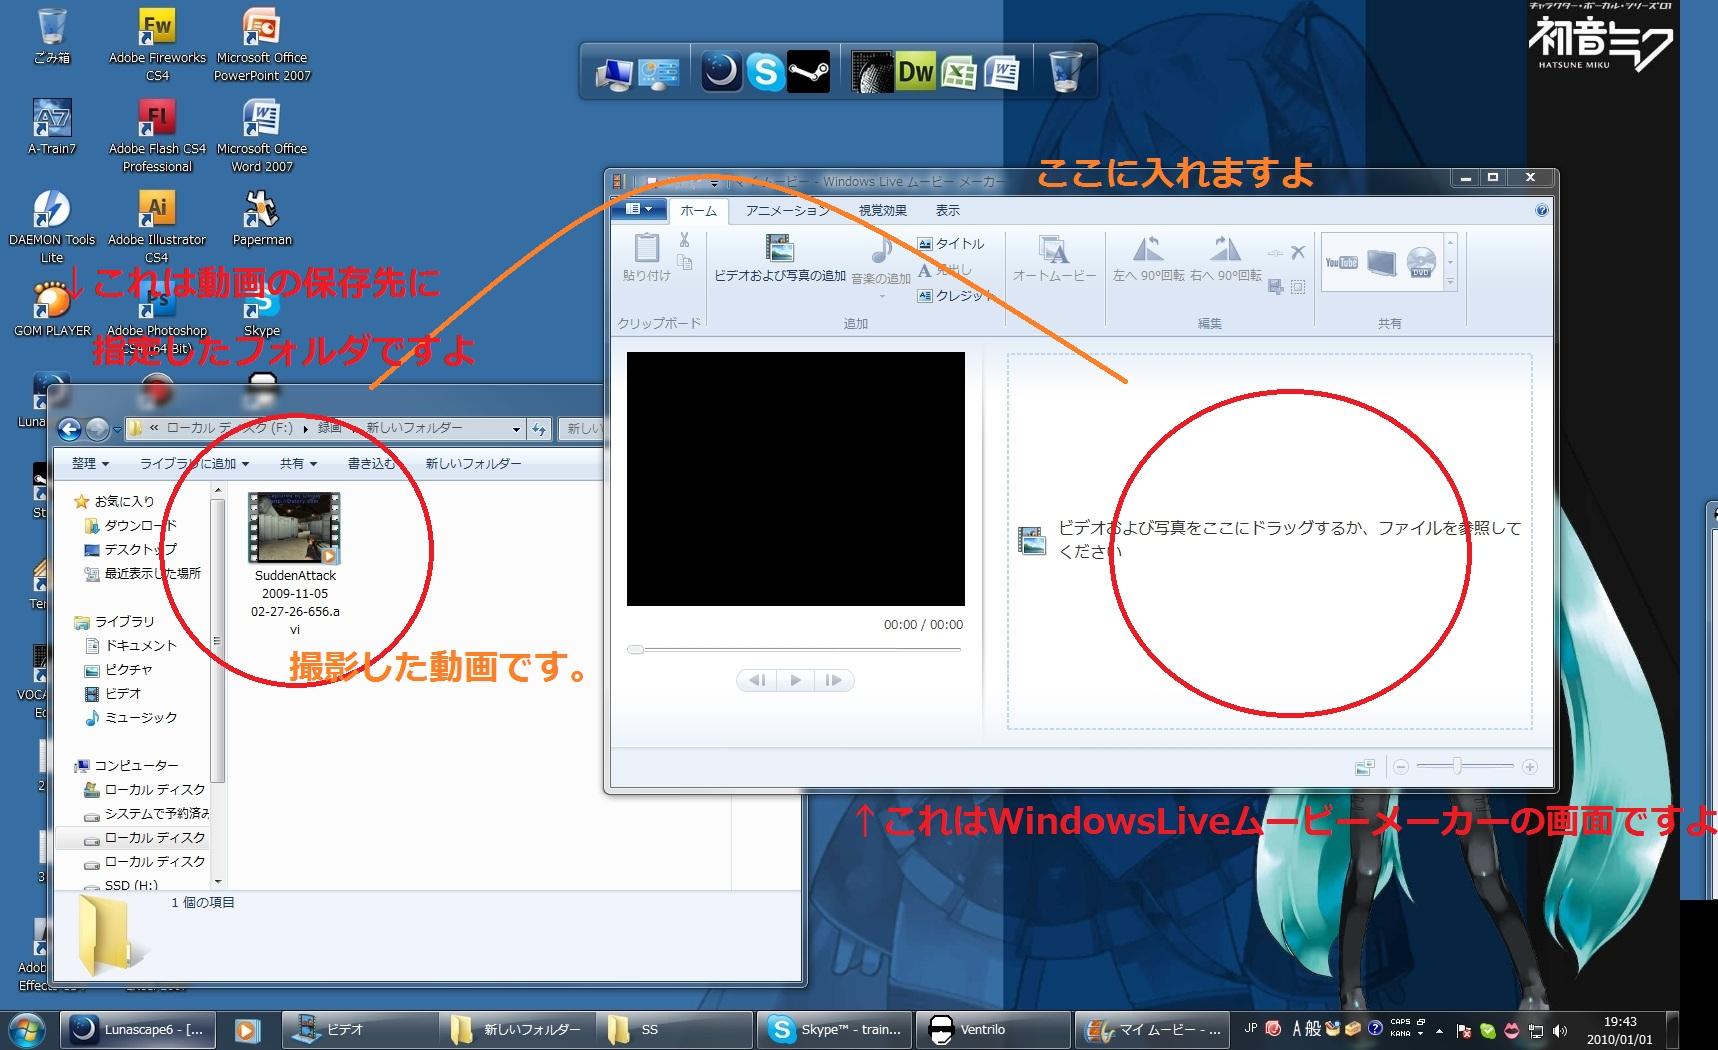 20100101194335.jpg